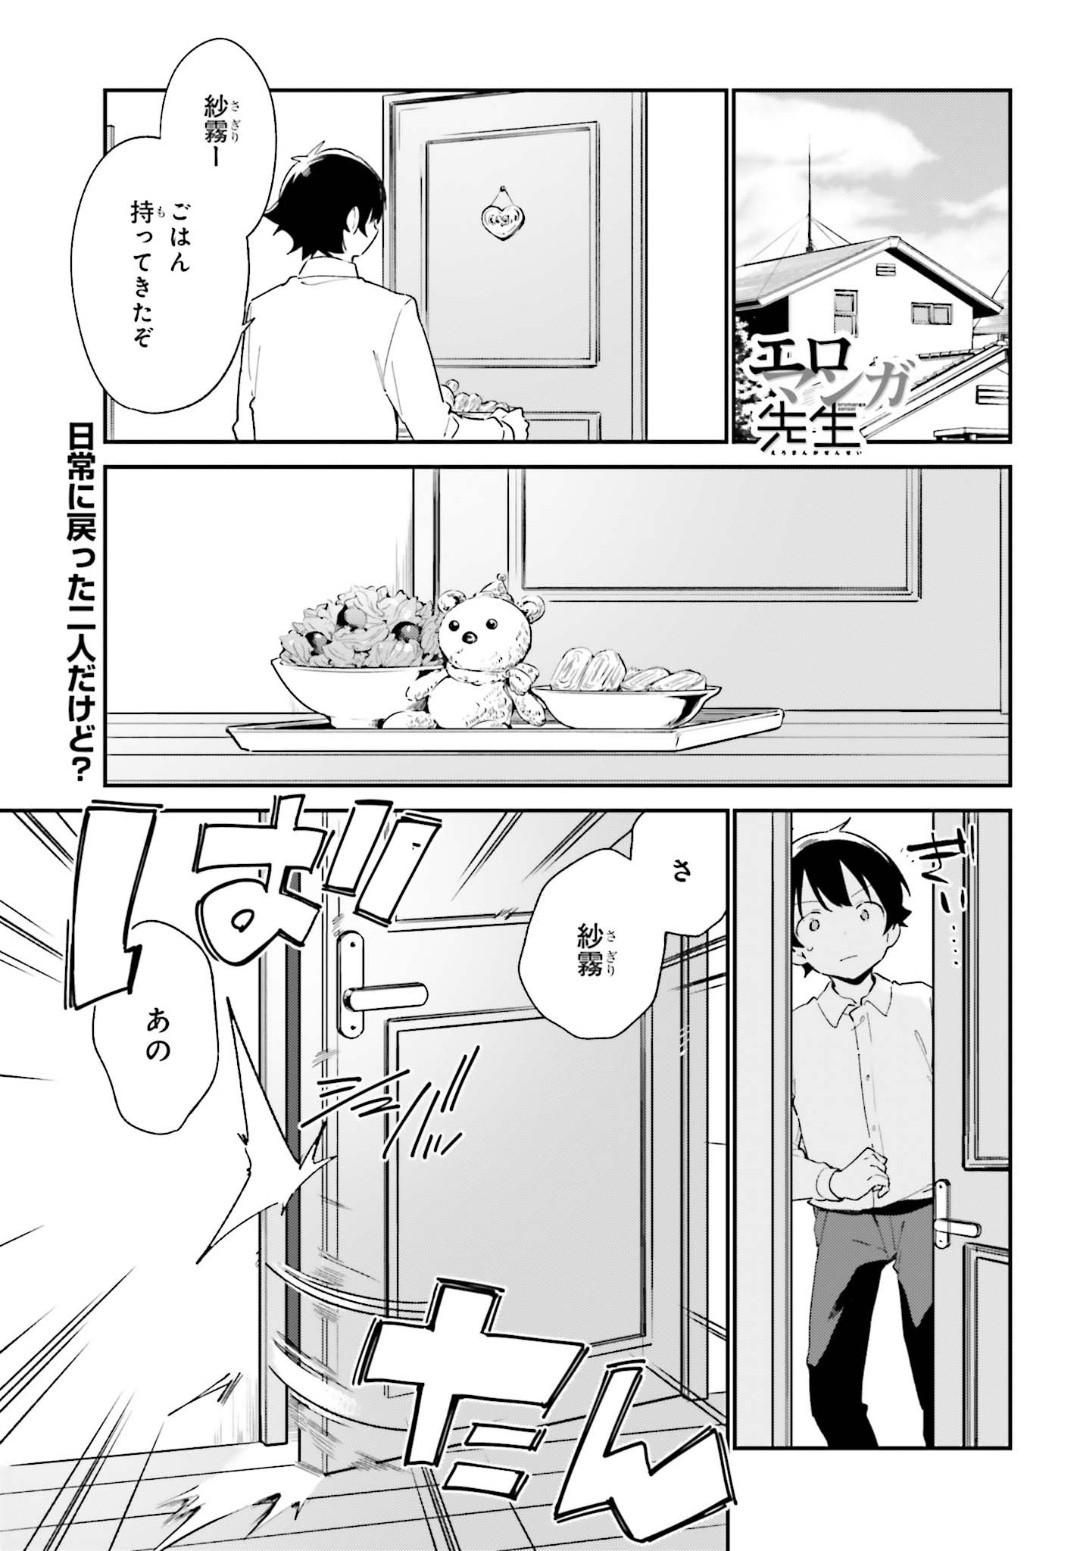 Ero Manga Sensei - Chapter 65 - Page 1